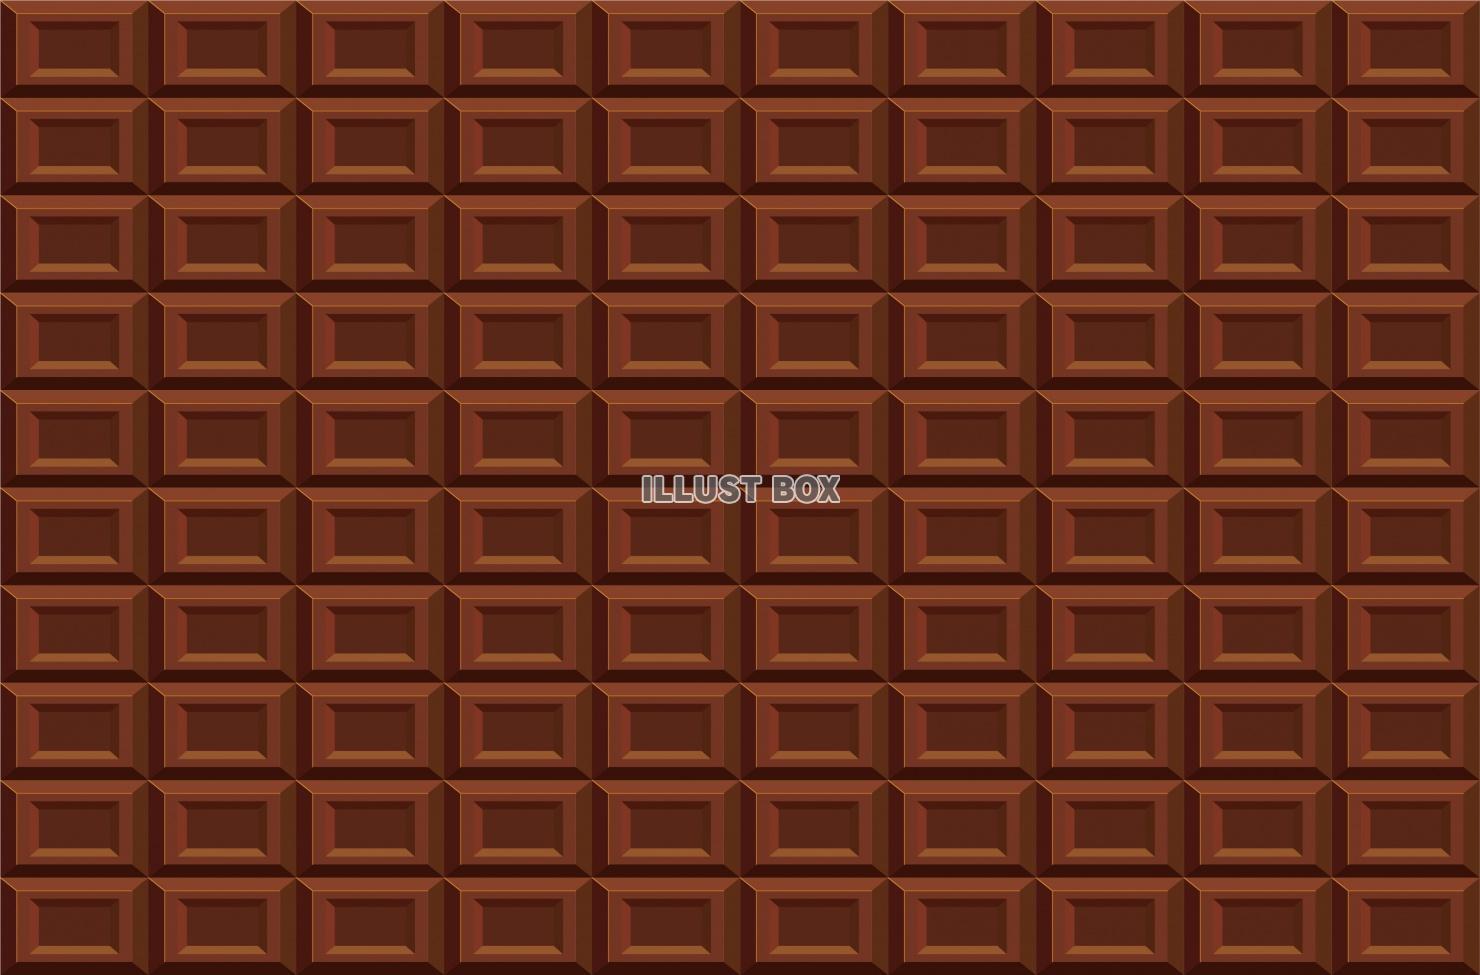 無料イラスト 板チョコレートの壁紙背景素材